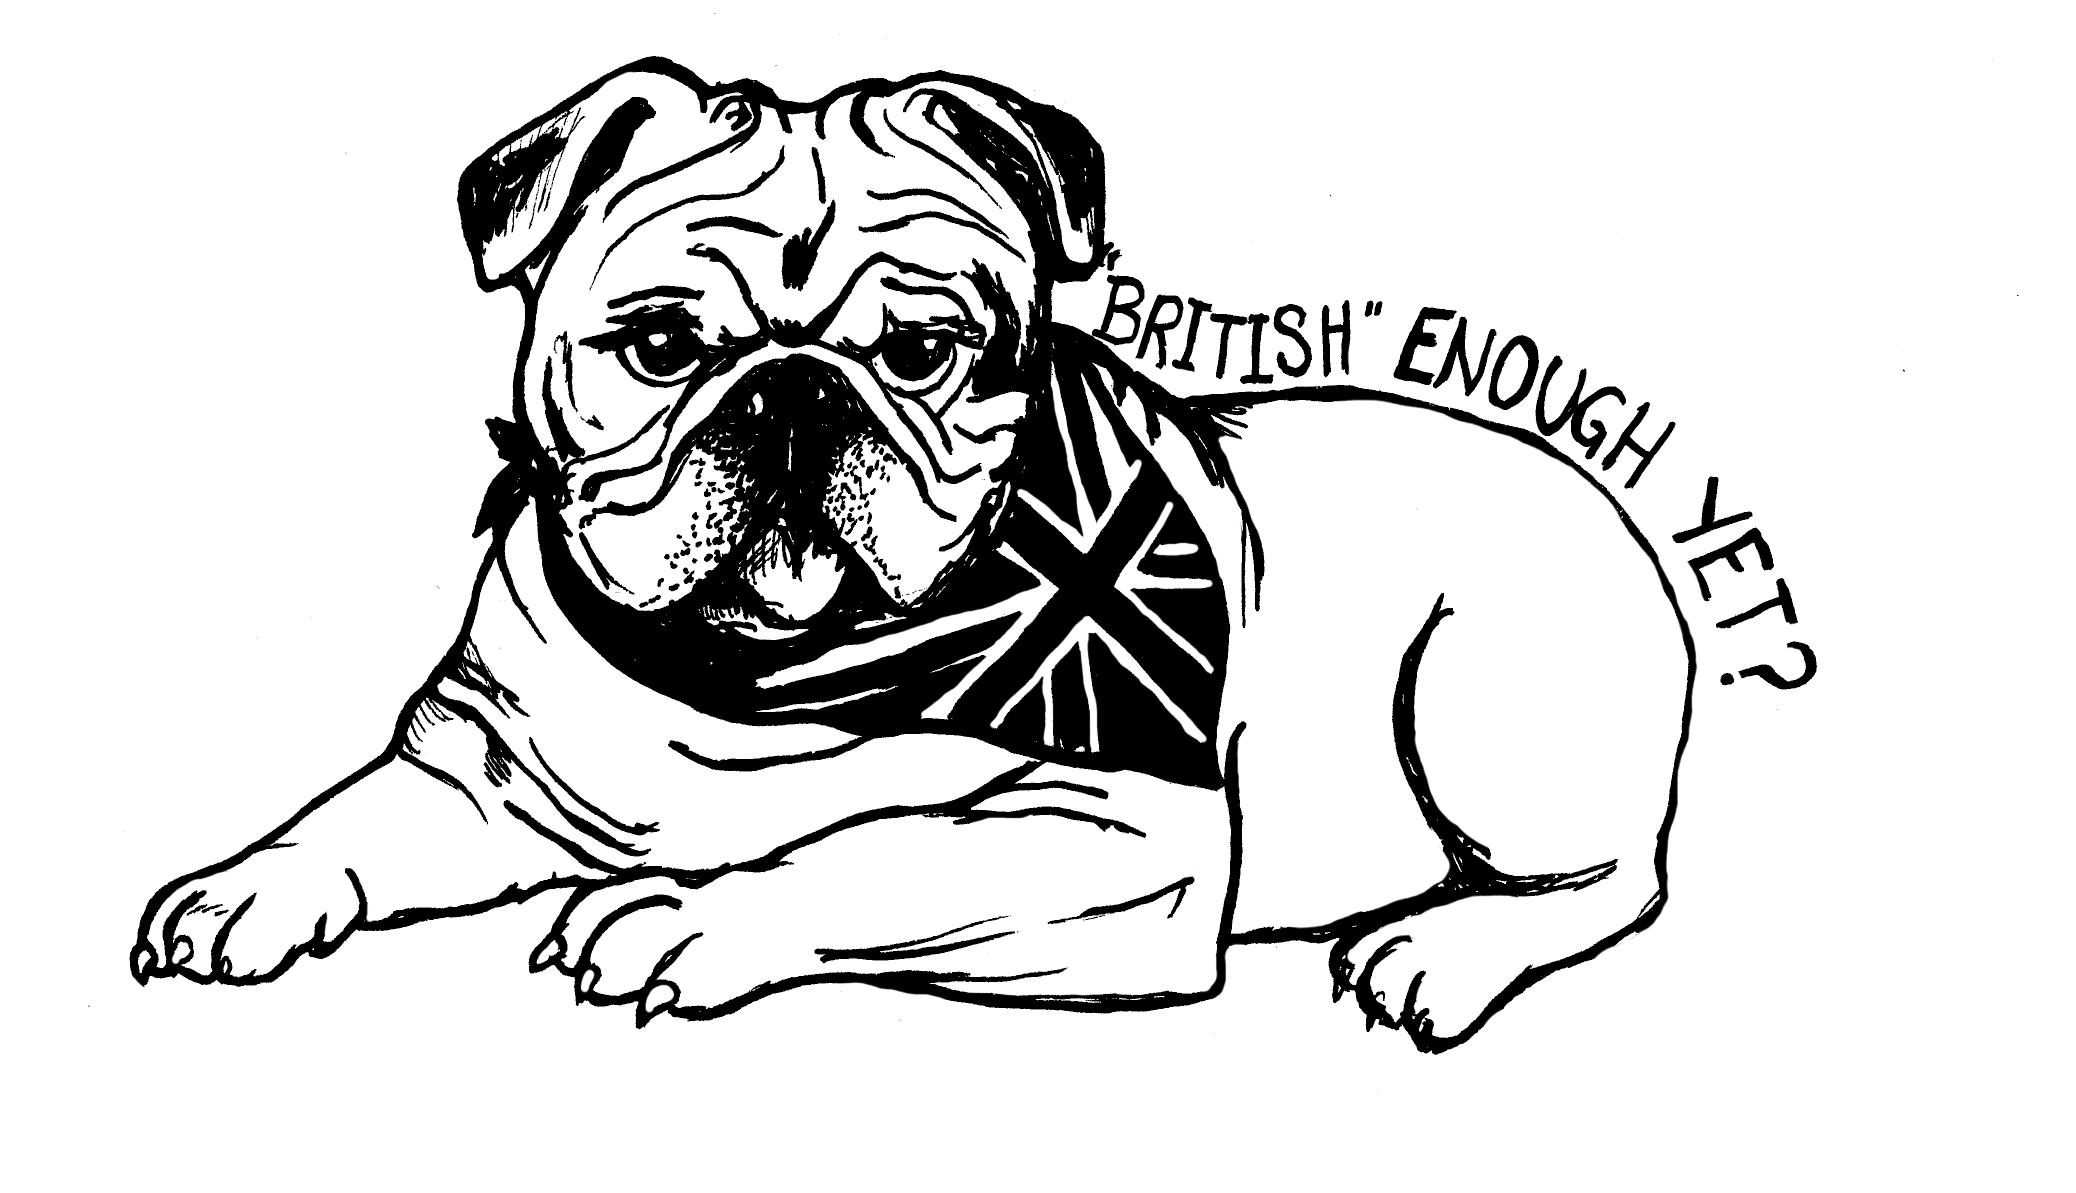 British Enough.png